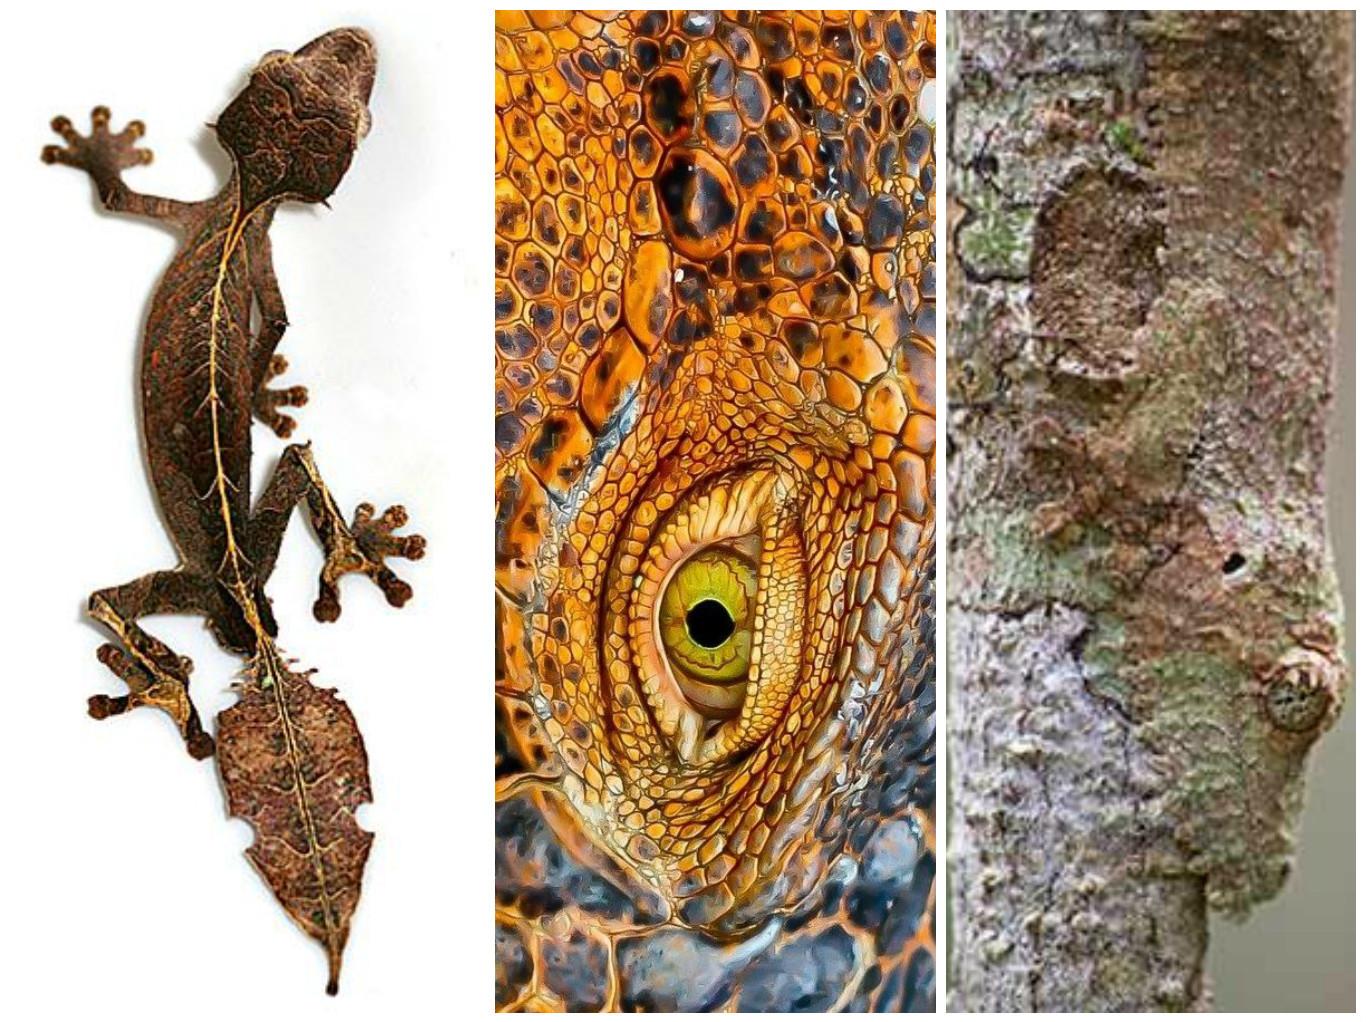 Многие виды гекконов обладают потрясающей способностью к камуфляжу — их кожа темнеет или светл